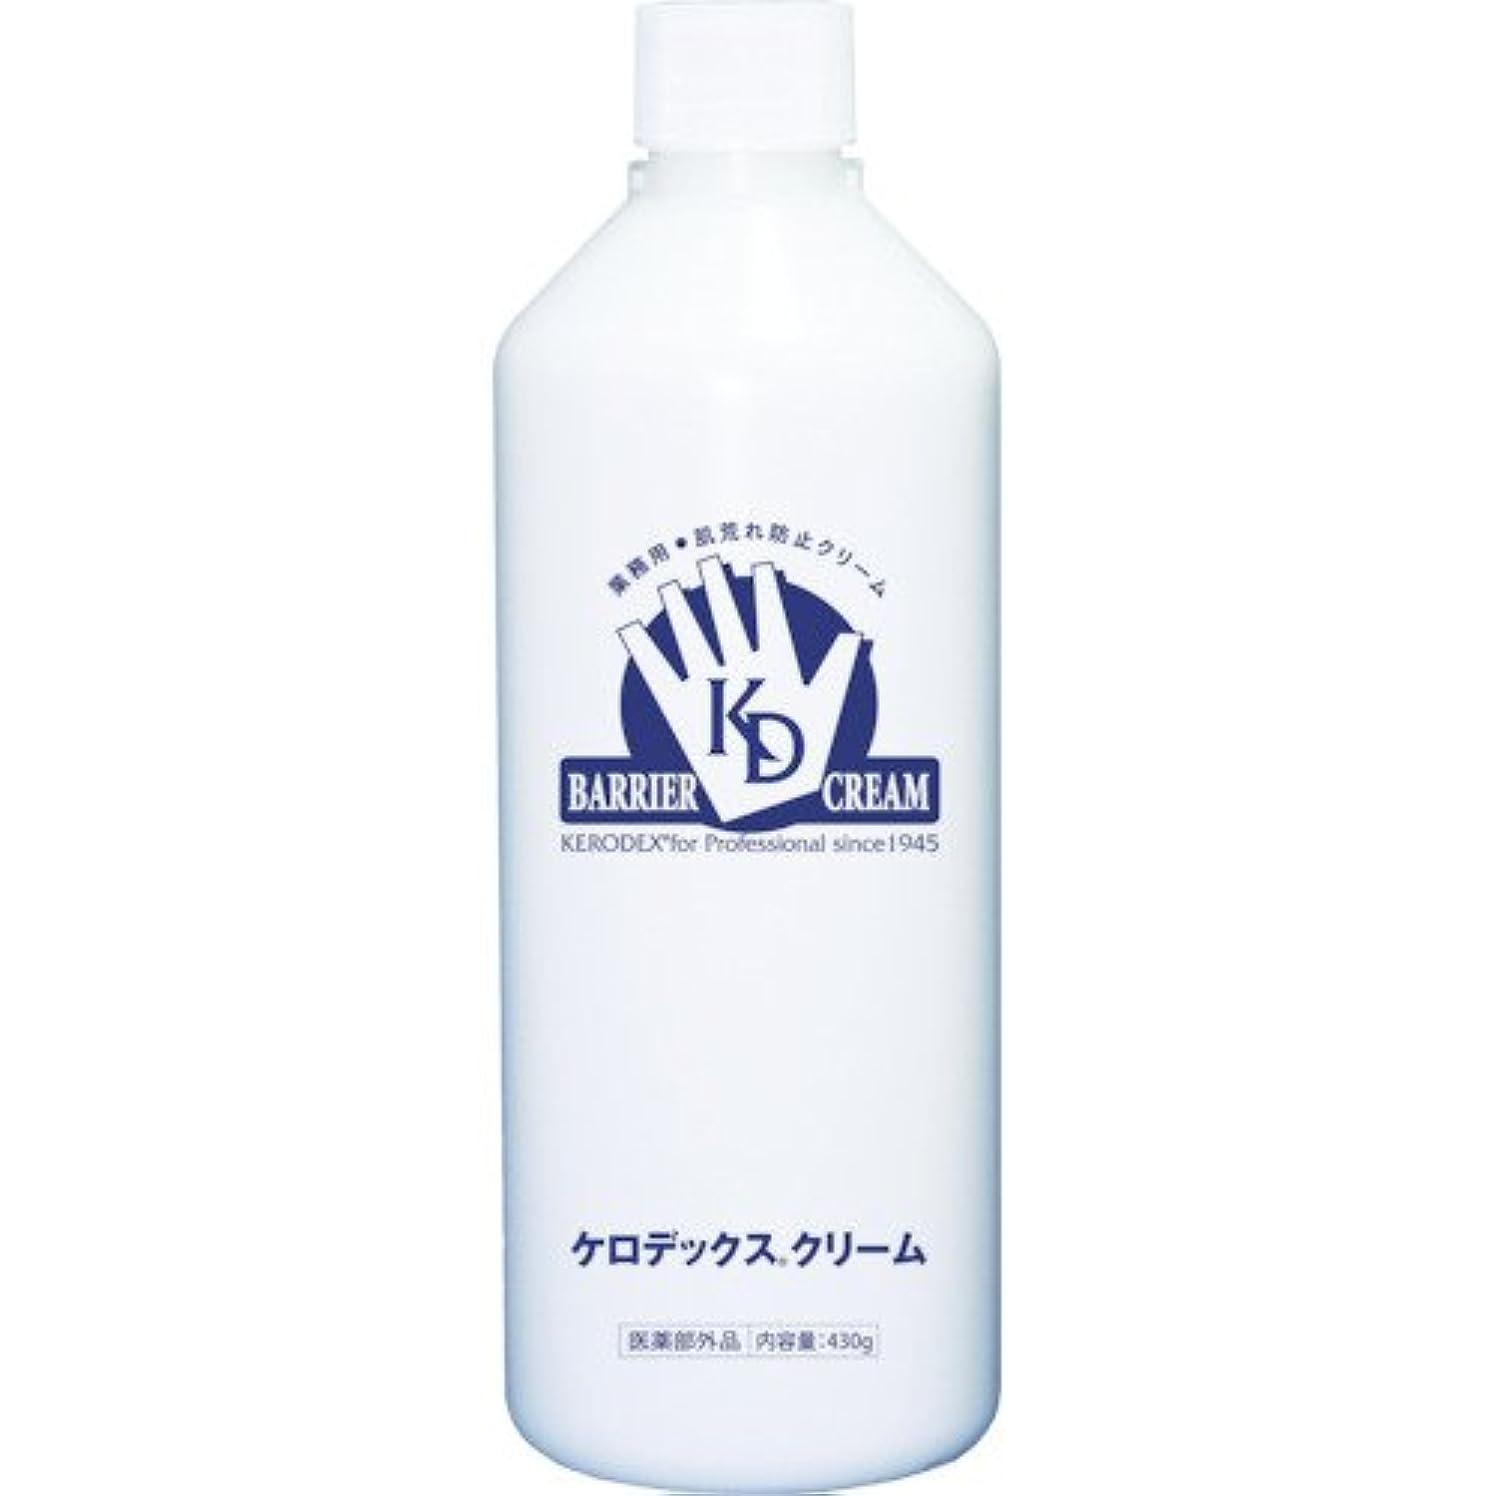 欲望木正義ケロデックスクリーム ボトルタイプ 詰替用 430g